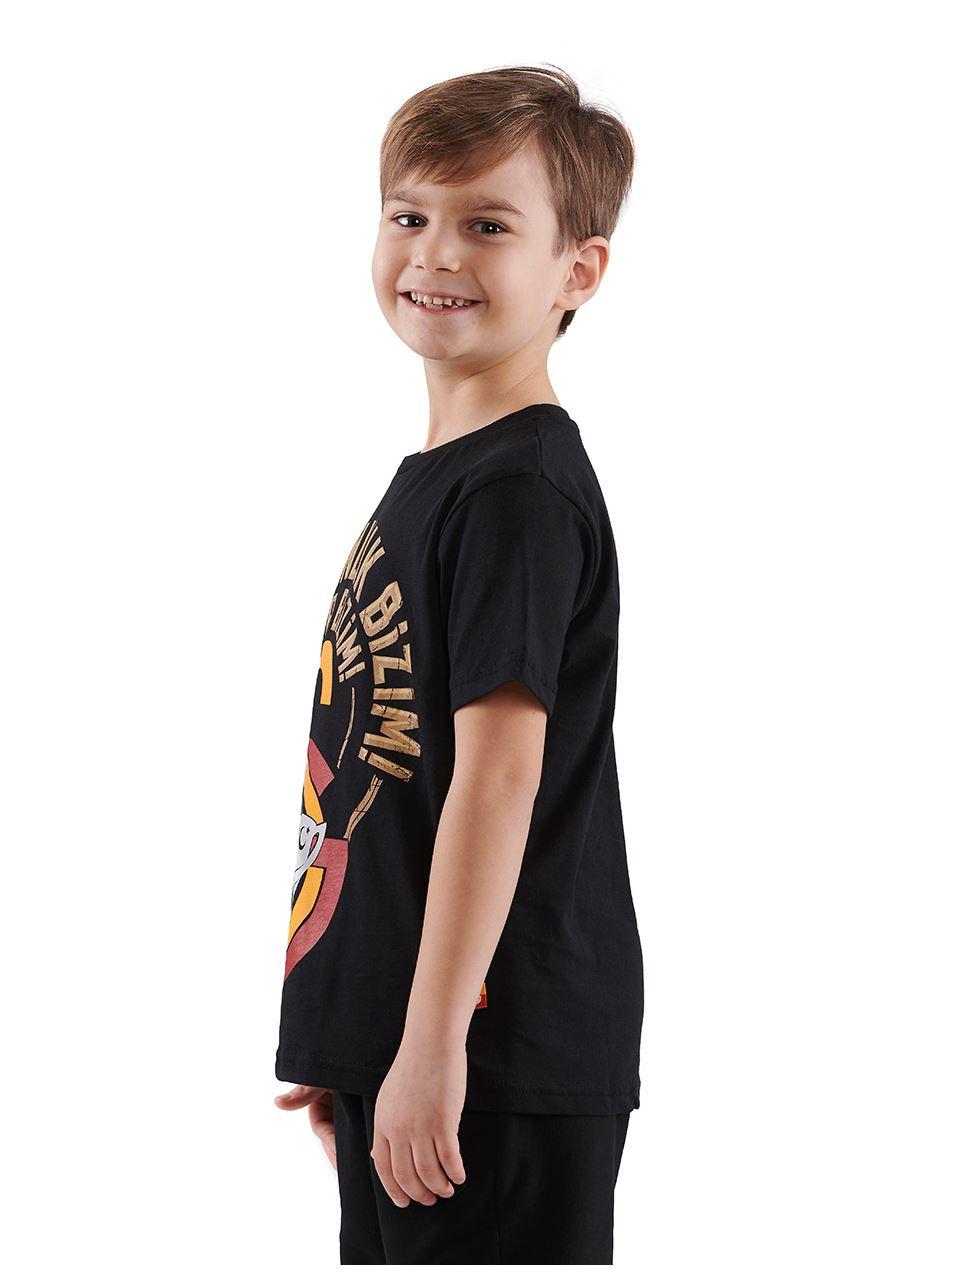 Galatasaray Şampiyonluk Bizim! Kupa Bizim! Çocuk T-shirt C191279